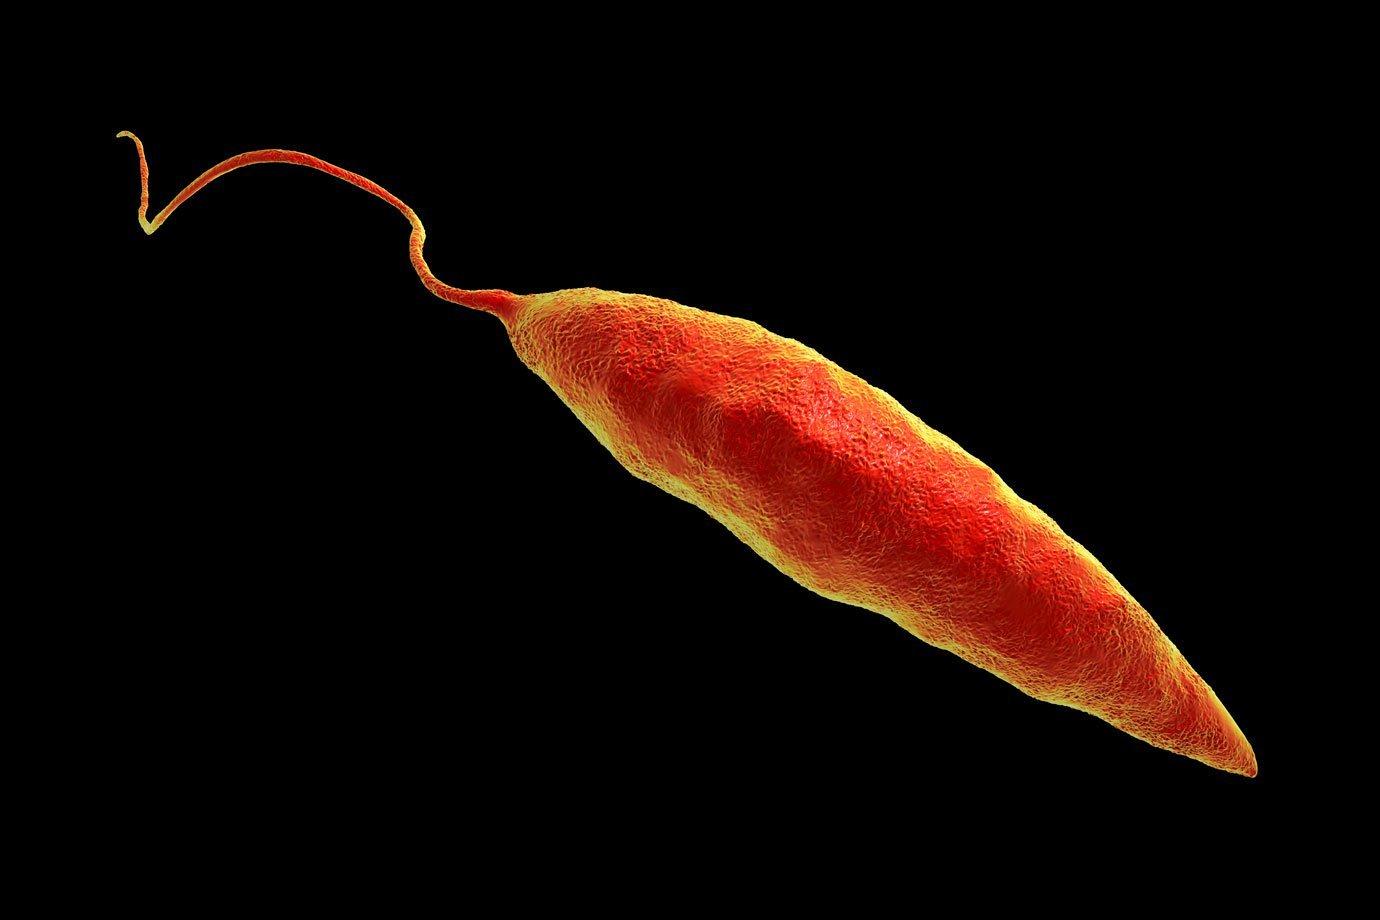 Kisállatorvos - Egzotikus betegségek, melyek már nem is annyira egzotikusak